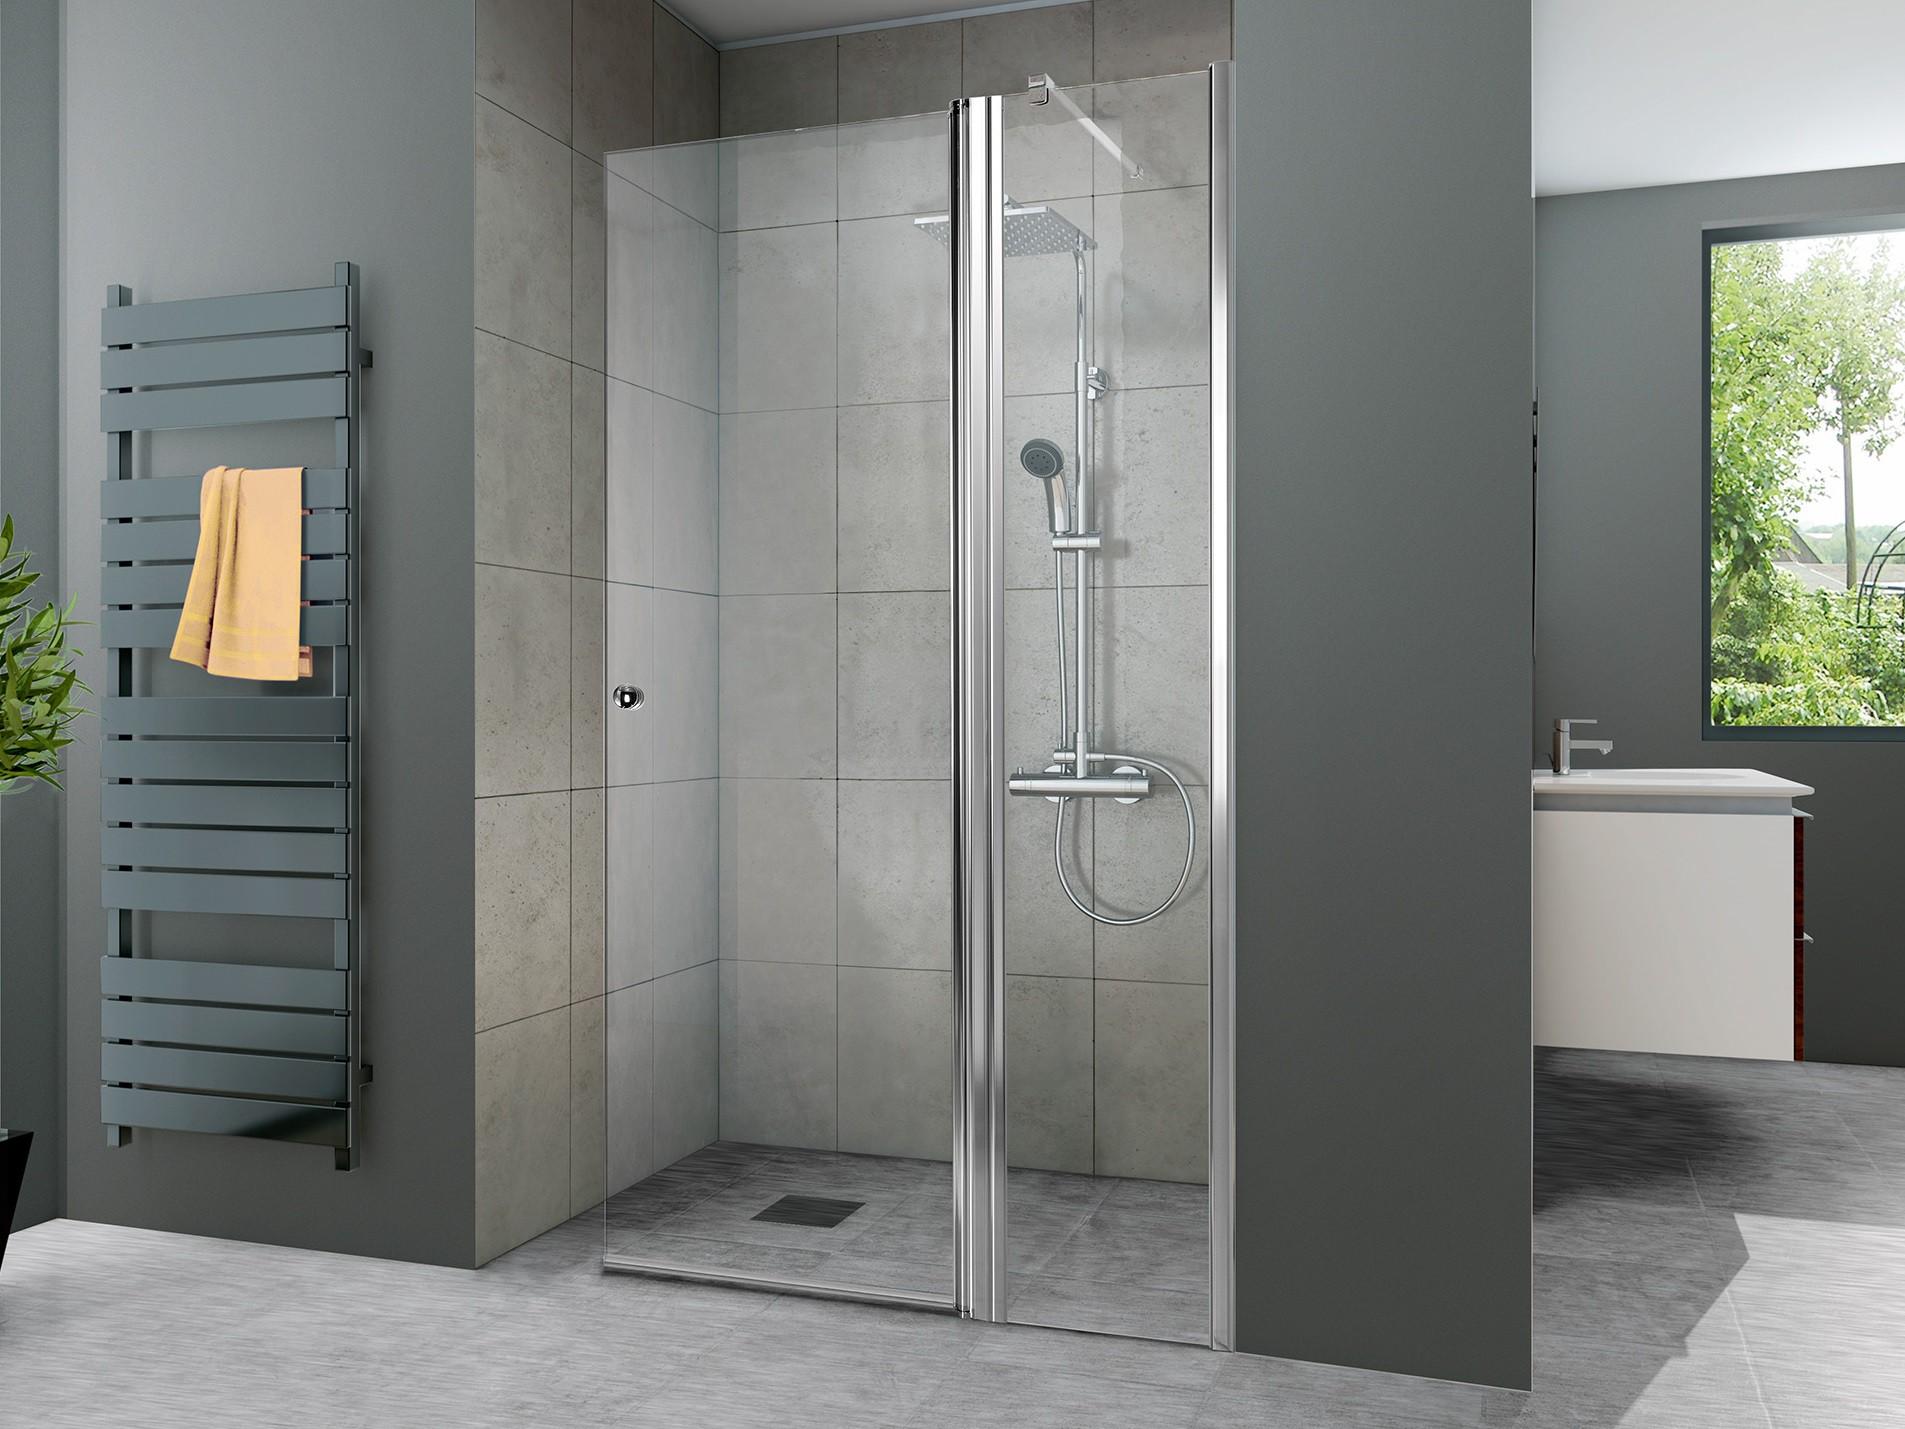 Full Size of Dusche 90x90 Bodengleiche Badewanne Abfluss Nachträglich Einbauen Wand Fliesen Barrierefreie Bodengleich Behindertengerechte Kaufen Komplett Set Moderne Dusche Glasabtrennung Dusche